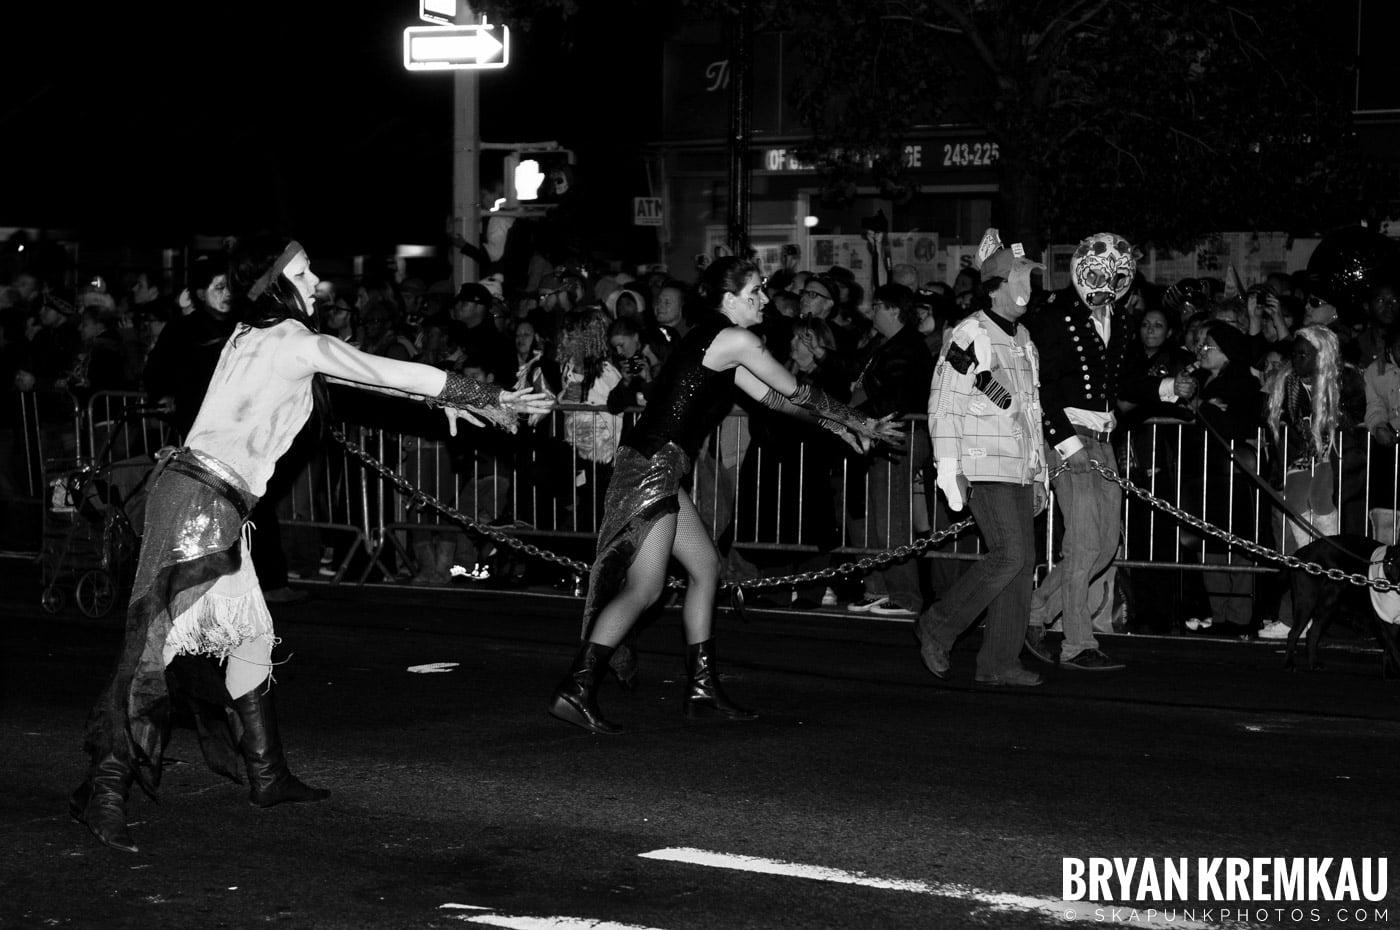 NYC Halloween Parade 2011 @ New York, NY - 10.31.11 (77)